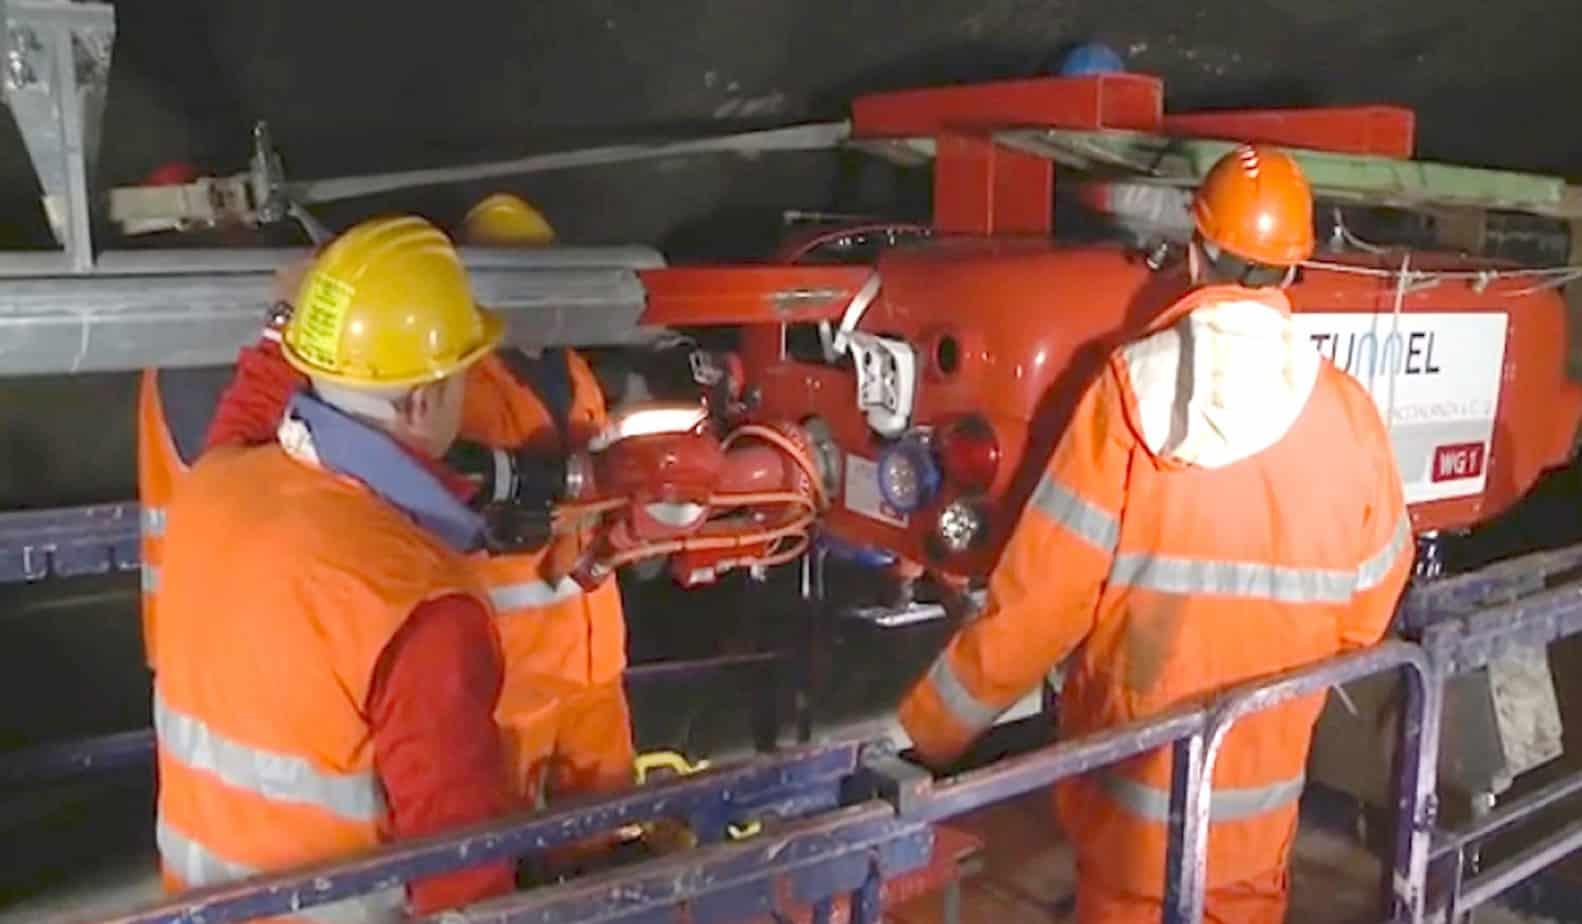 L'installazione del carrello con monitore mobile sulla monorotaia